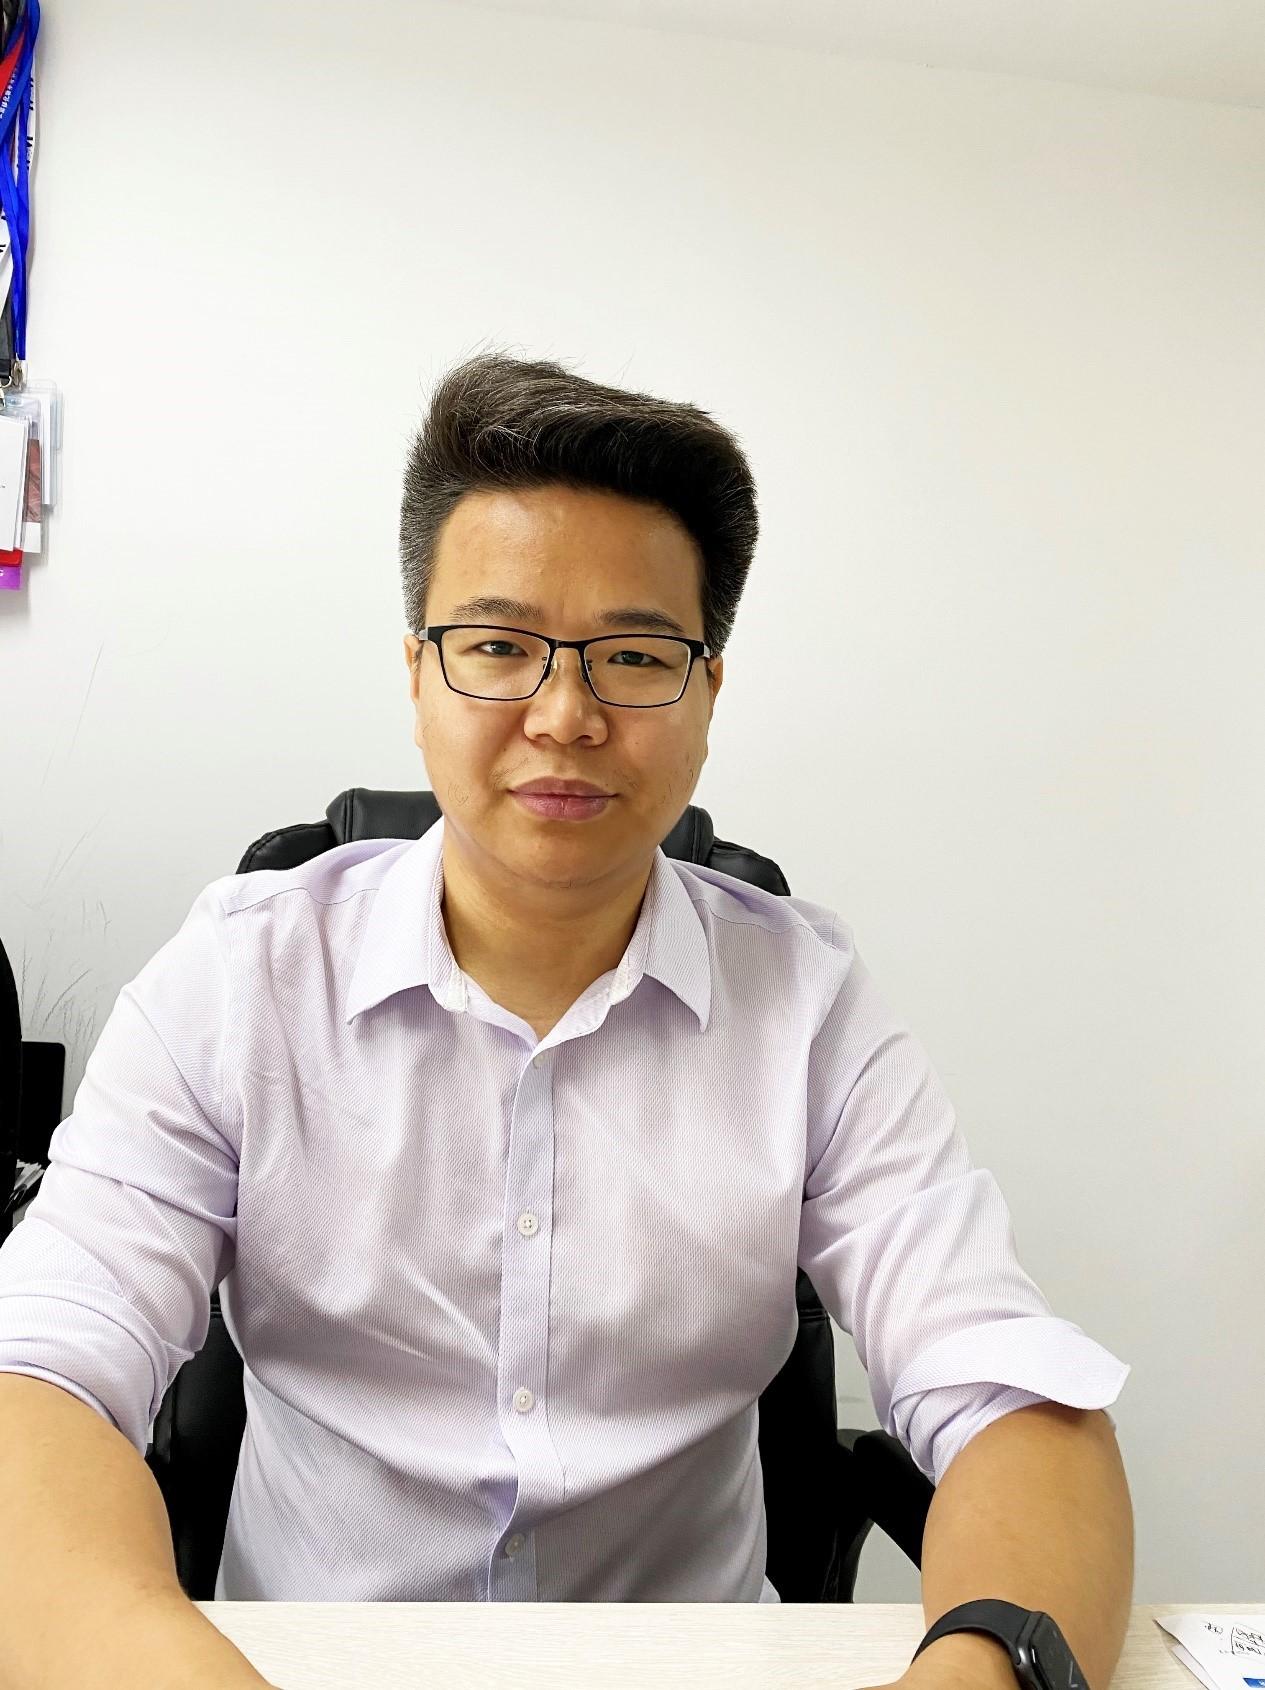 现任上海微纳国际贸易有限公司销售总监,具备10年以上电镜行业销售经验,对电镜制样及电镜原位扩展具有深入研究,致力为广大中国科研及工业客户提供最完备的制样及电镜原位扩展解决方案。